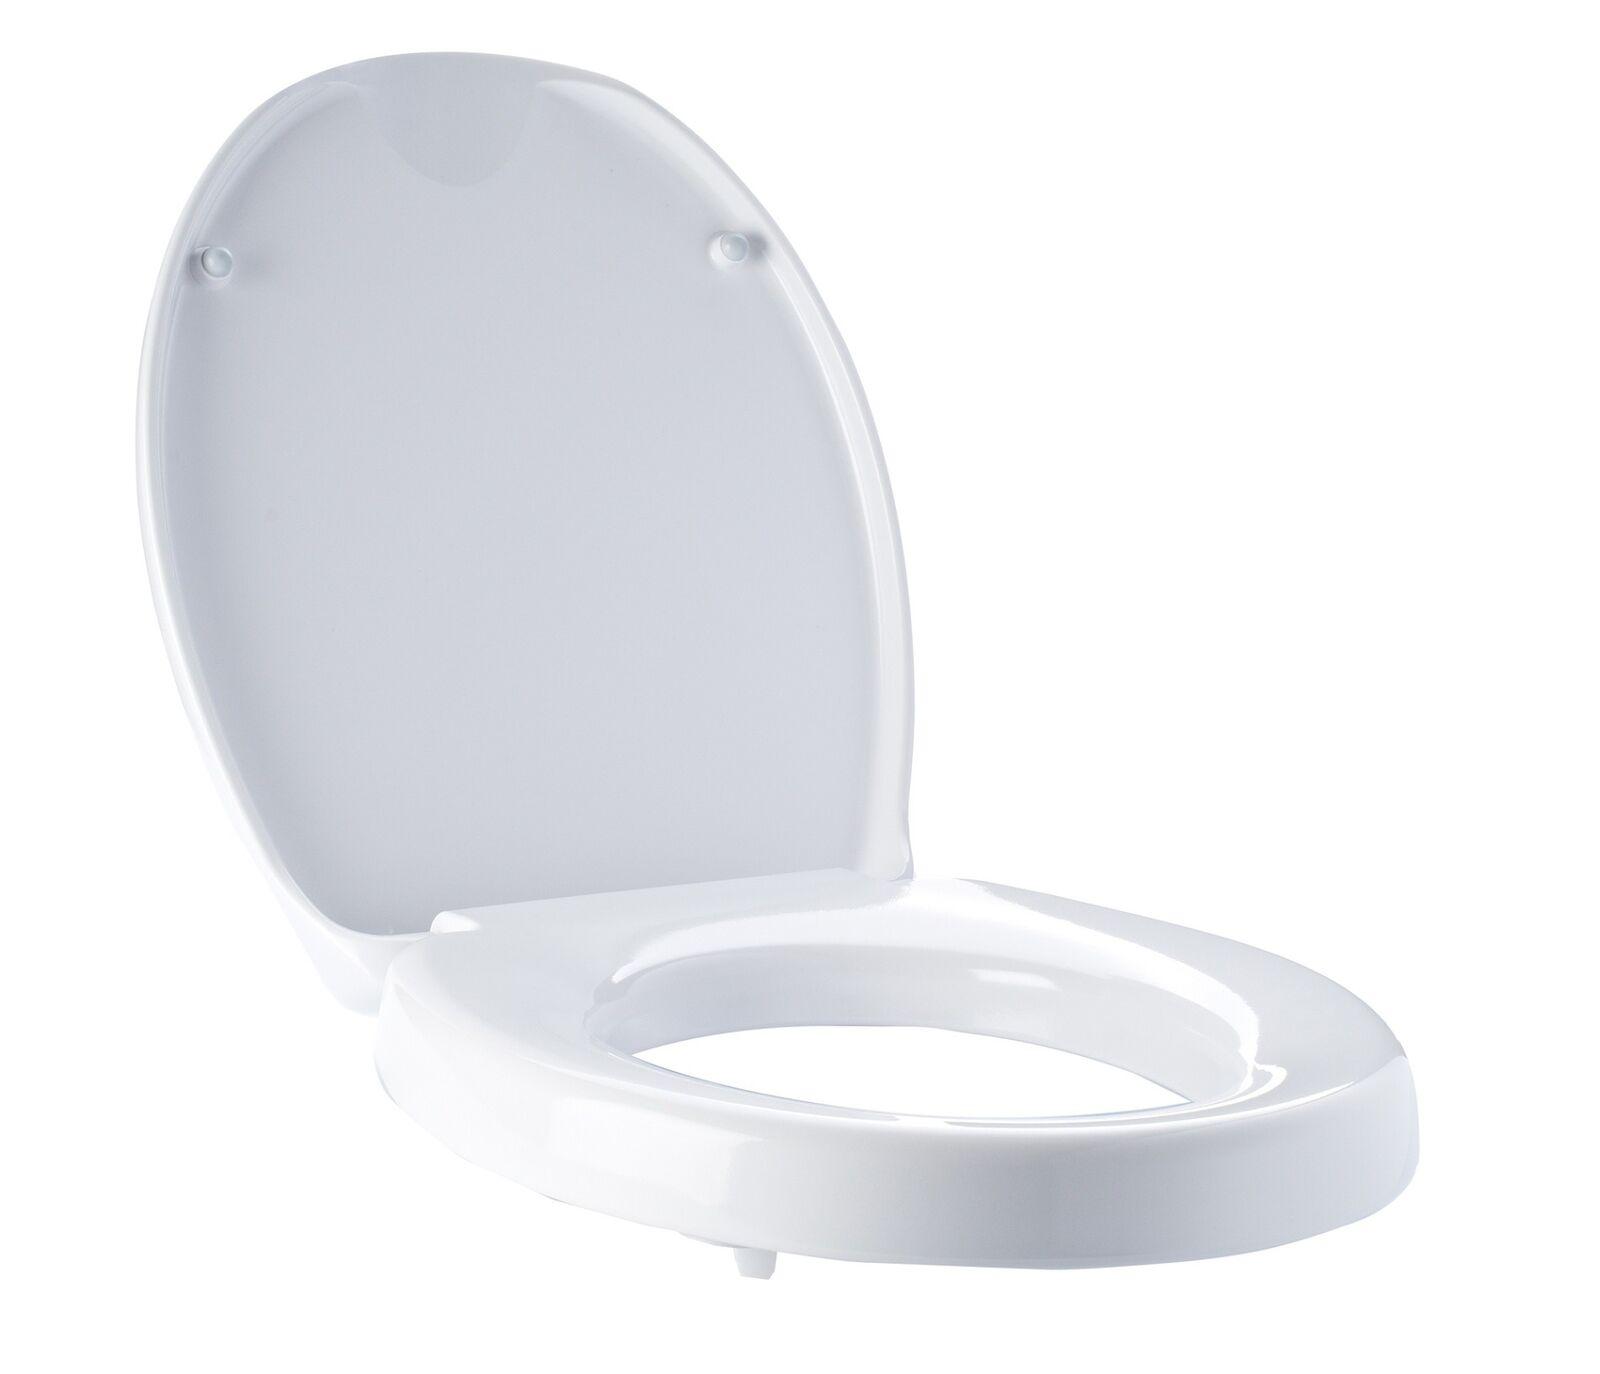 WC Erhöhung Toiletten Sitzerhöhung Toilettenauflage Ridder Absenkautomatik TÜV